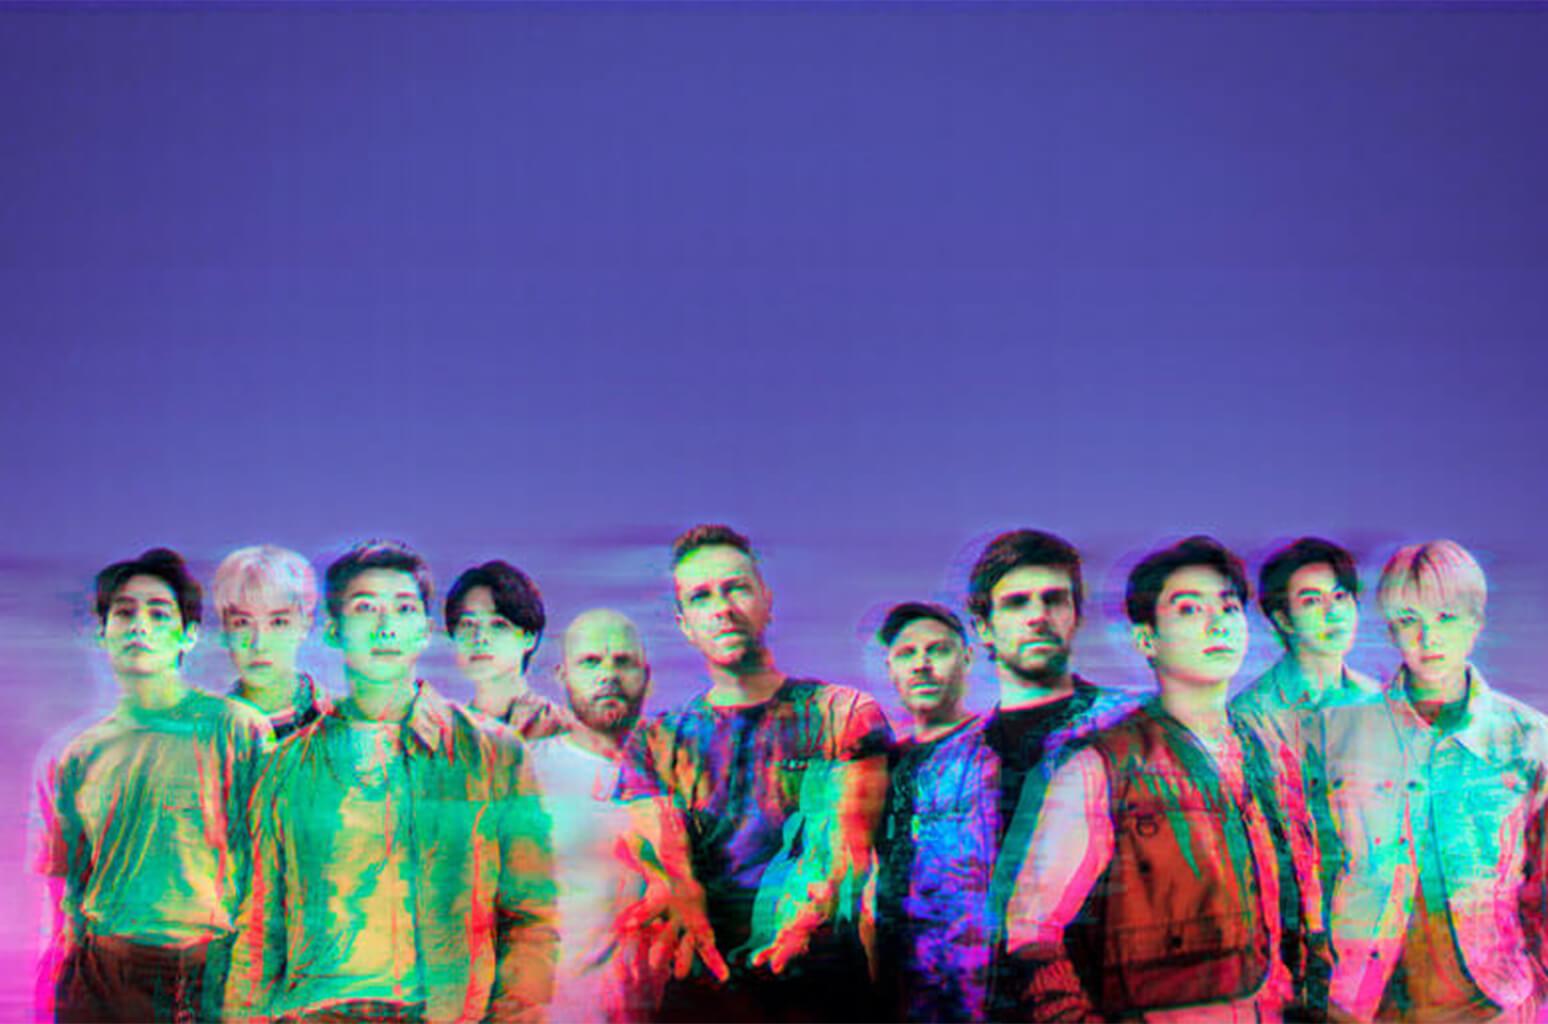 Coldplay&BTSが最強のコラボレーション!シングル「My Universe」が9月24日リリース!